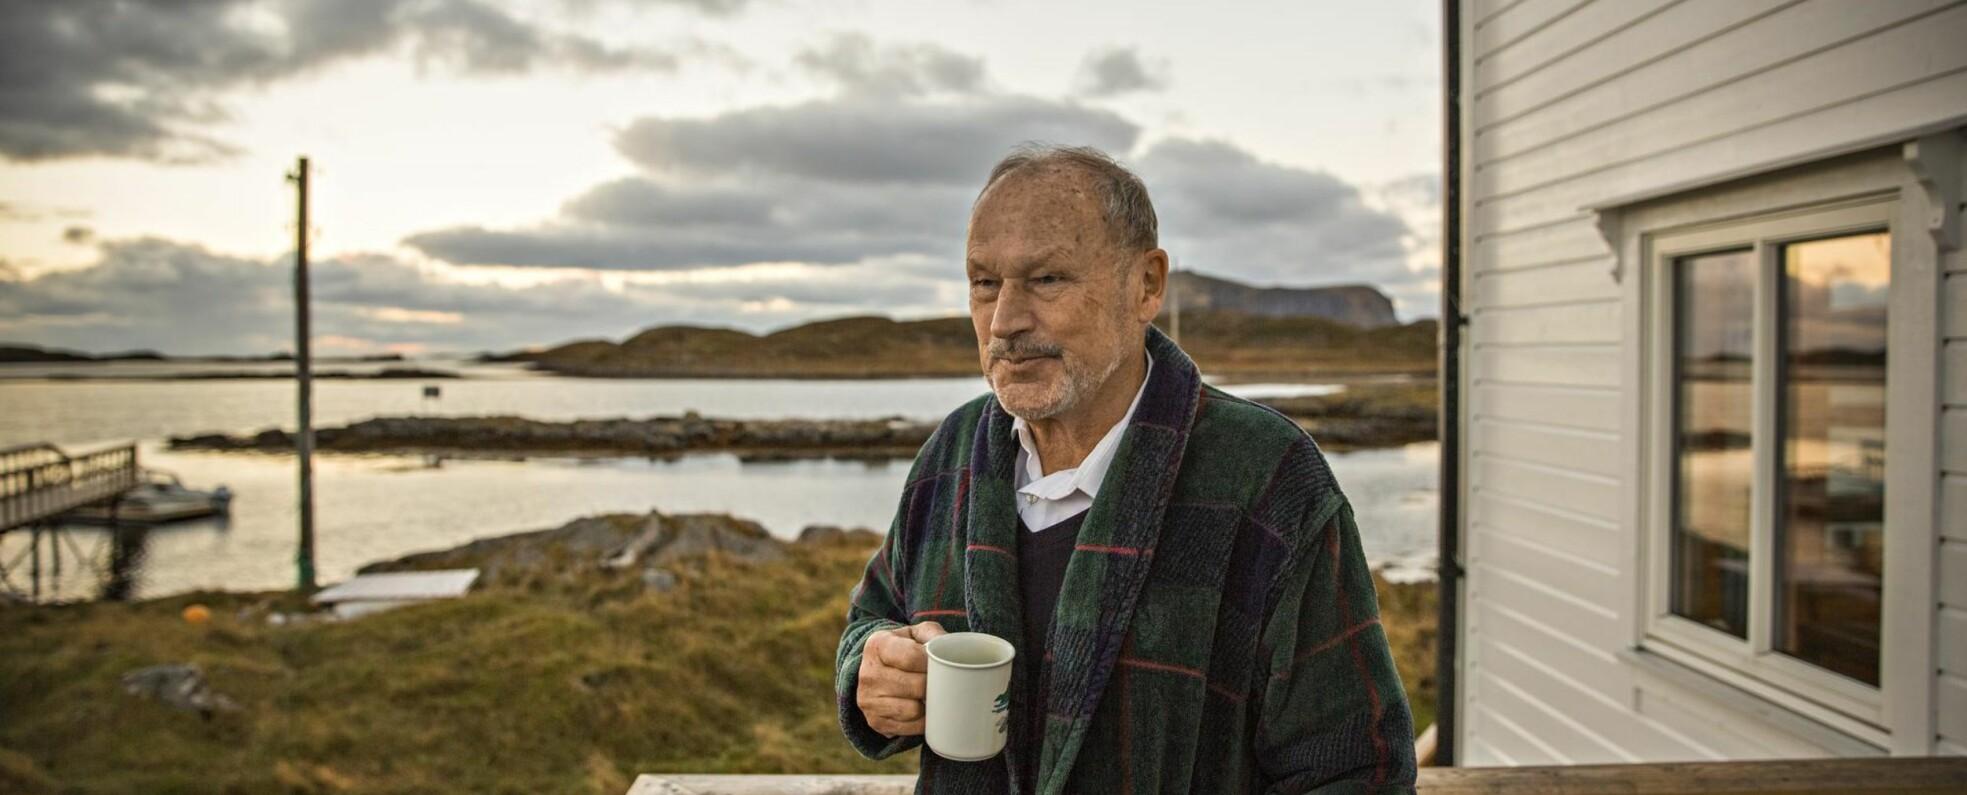 <strong>UTSYN:</strong> – Røst har vært et definerende sted for mitt menneskesyn, sier Per Fugelli ved et av sine favorittutsiktspunkt ytterst i Lofoten. Foto: JØRN H. MOEN